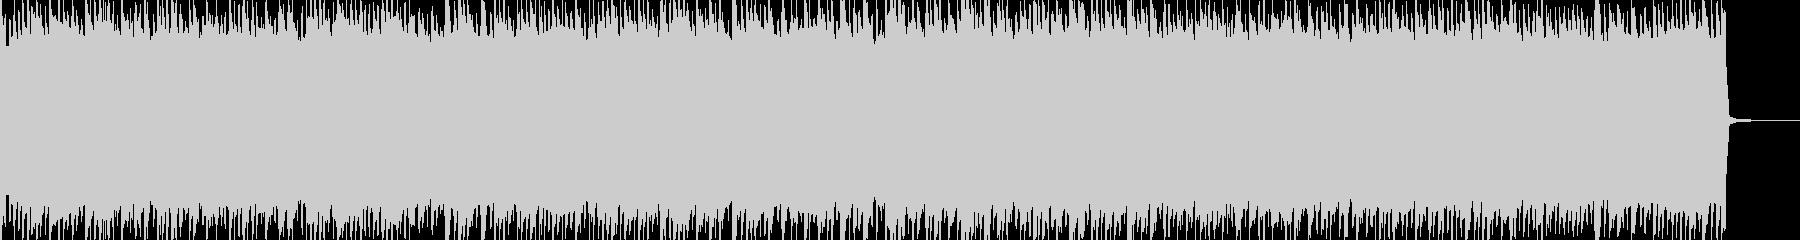 前向き・爽やか アコギ・ピアノ・ベースの未再生の波形